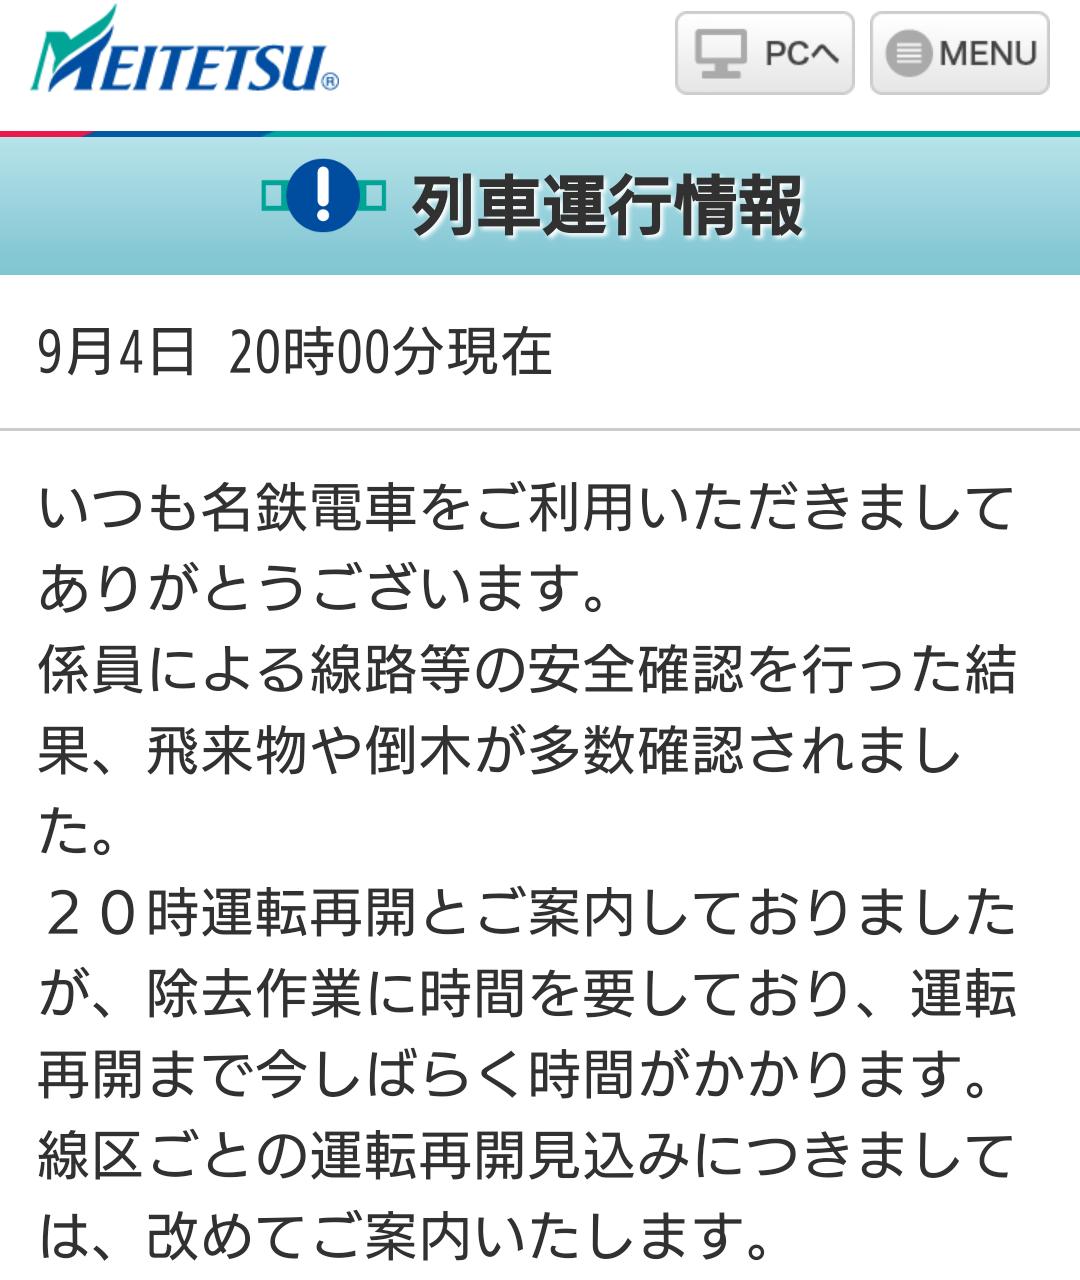 2018.9.4 (1014) 運行情報(名鉄 20:00) 1080-1280